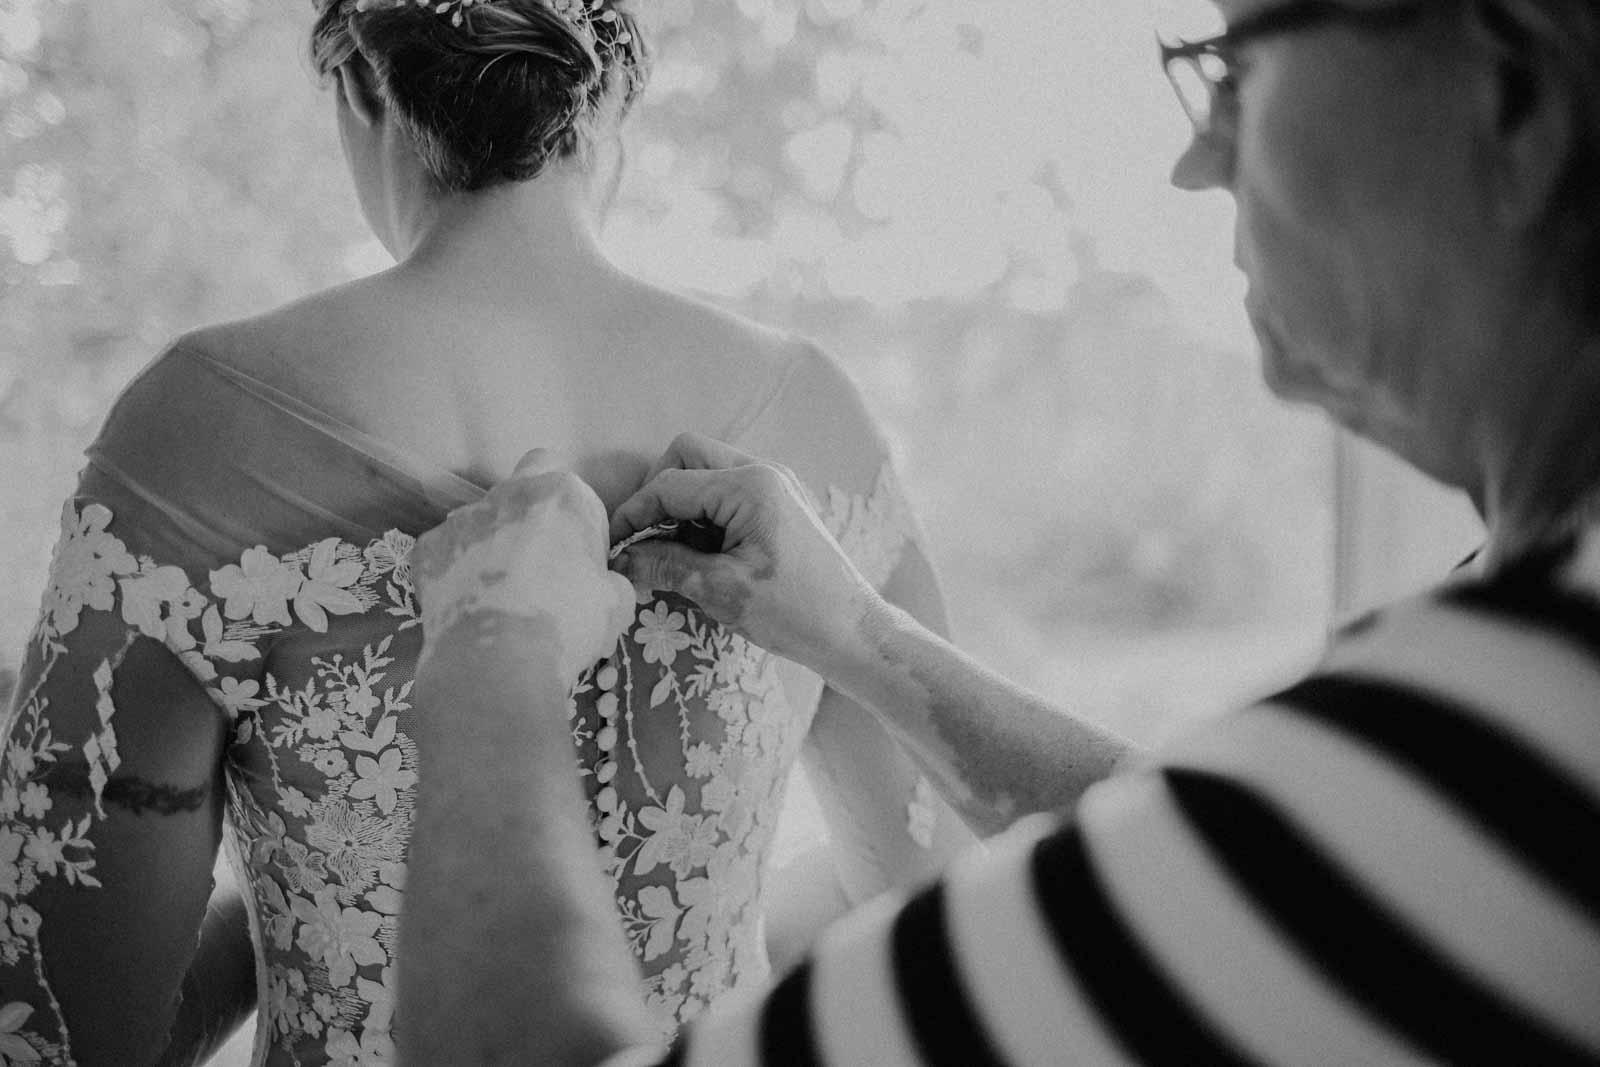 Eine Frau schließt das Kleid der Braut